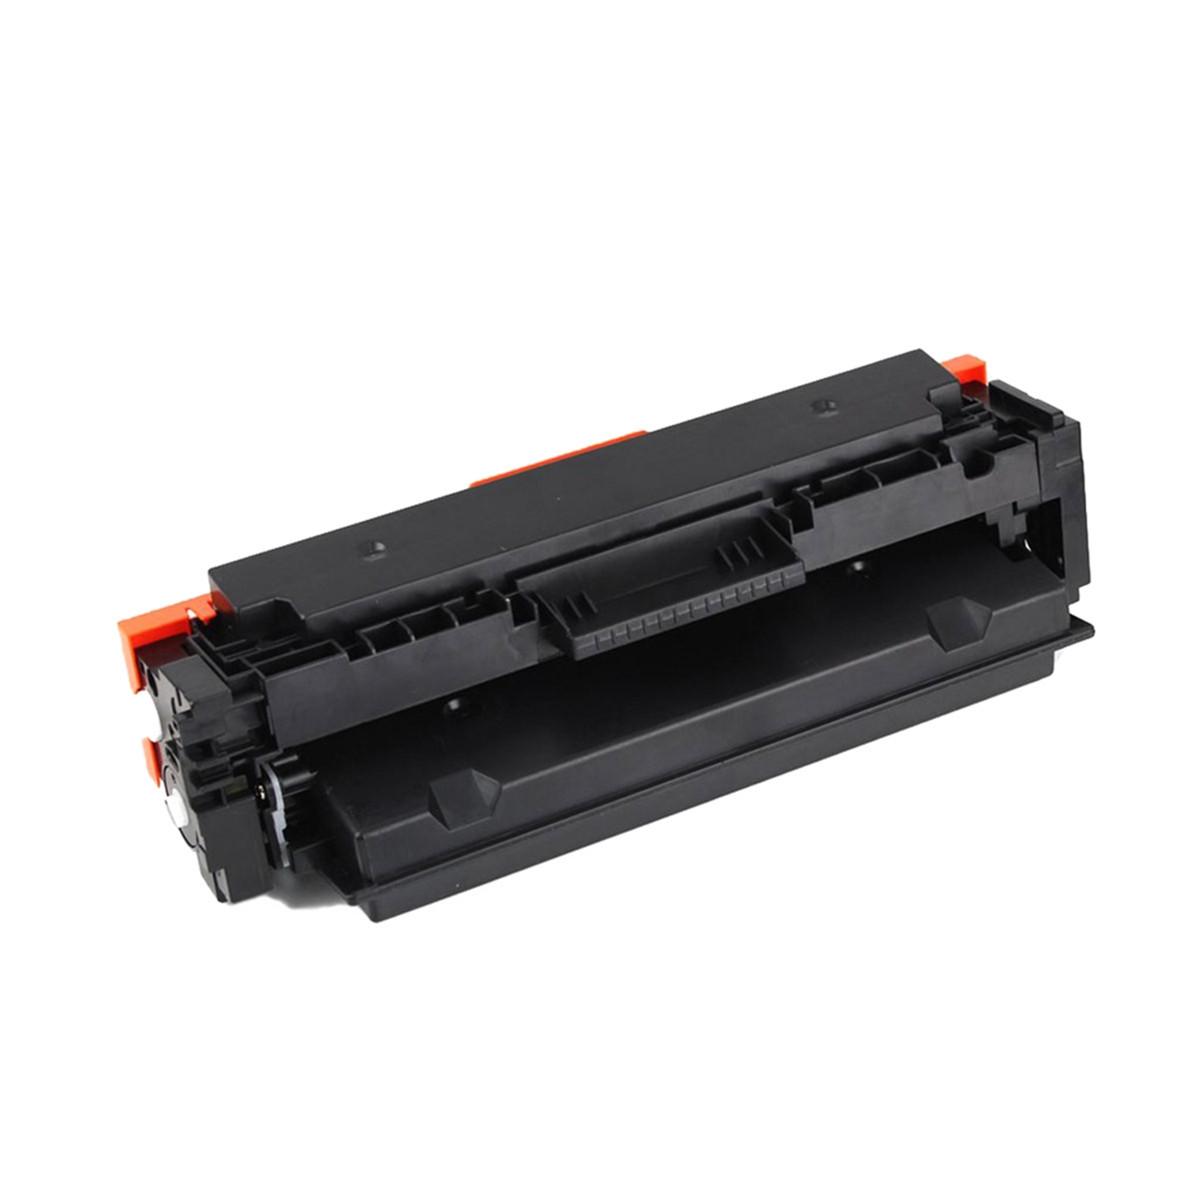 Toner Compatível com HP CF411X 410X Ciano | M452DN M452DW M452NW M477FDN M477FDW | Evolut 5k